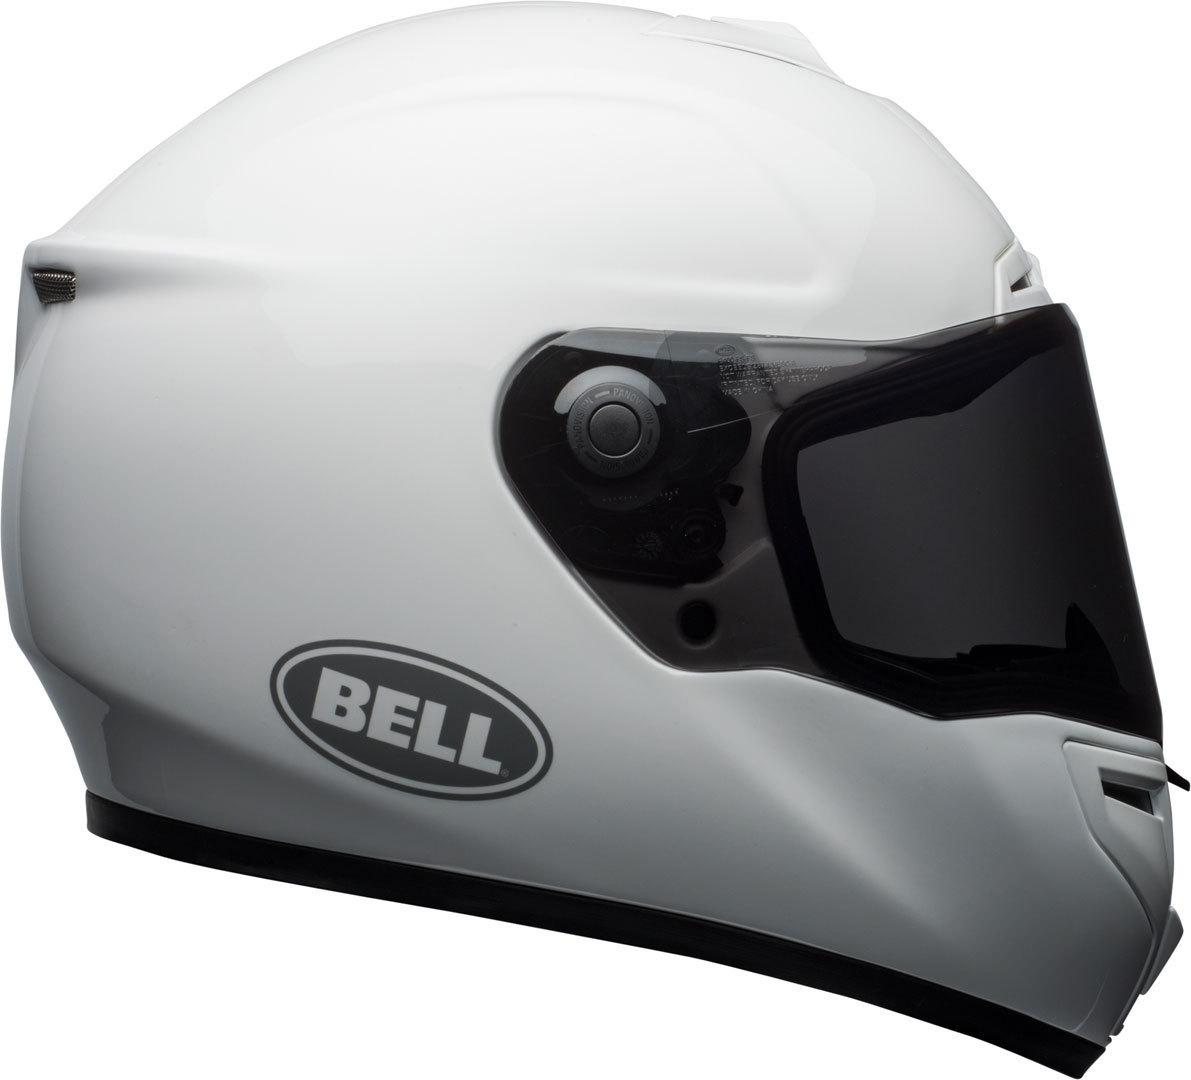 Bell SRT Solid Helm, weiss, Größe L, weiss, Größe L